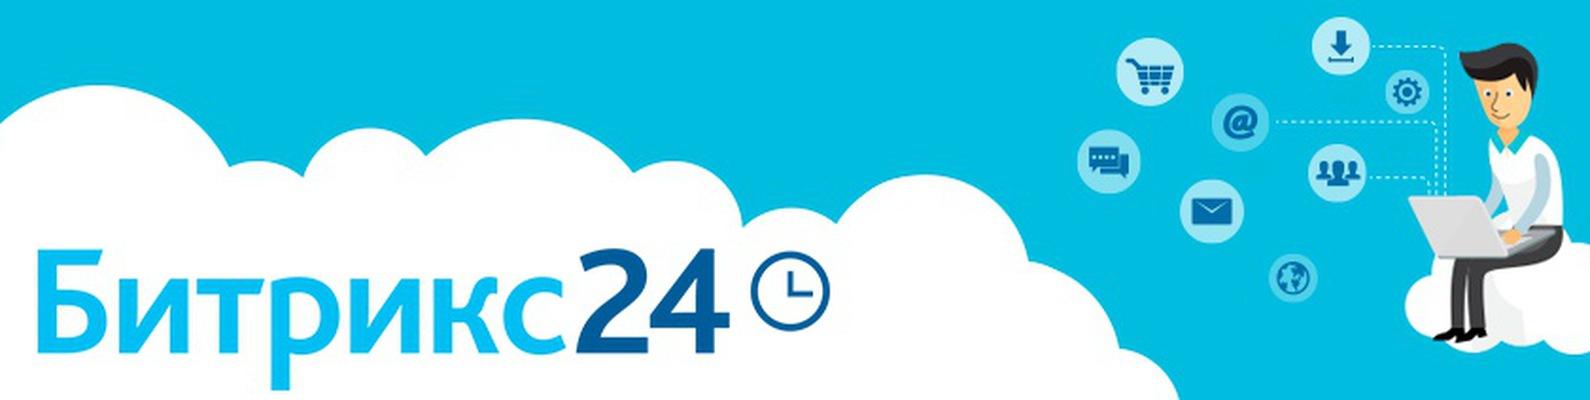 «битрикс24» — теперь полностью бесплатные коммуникации для любой команды